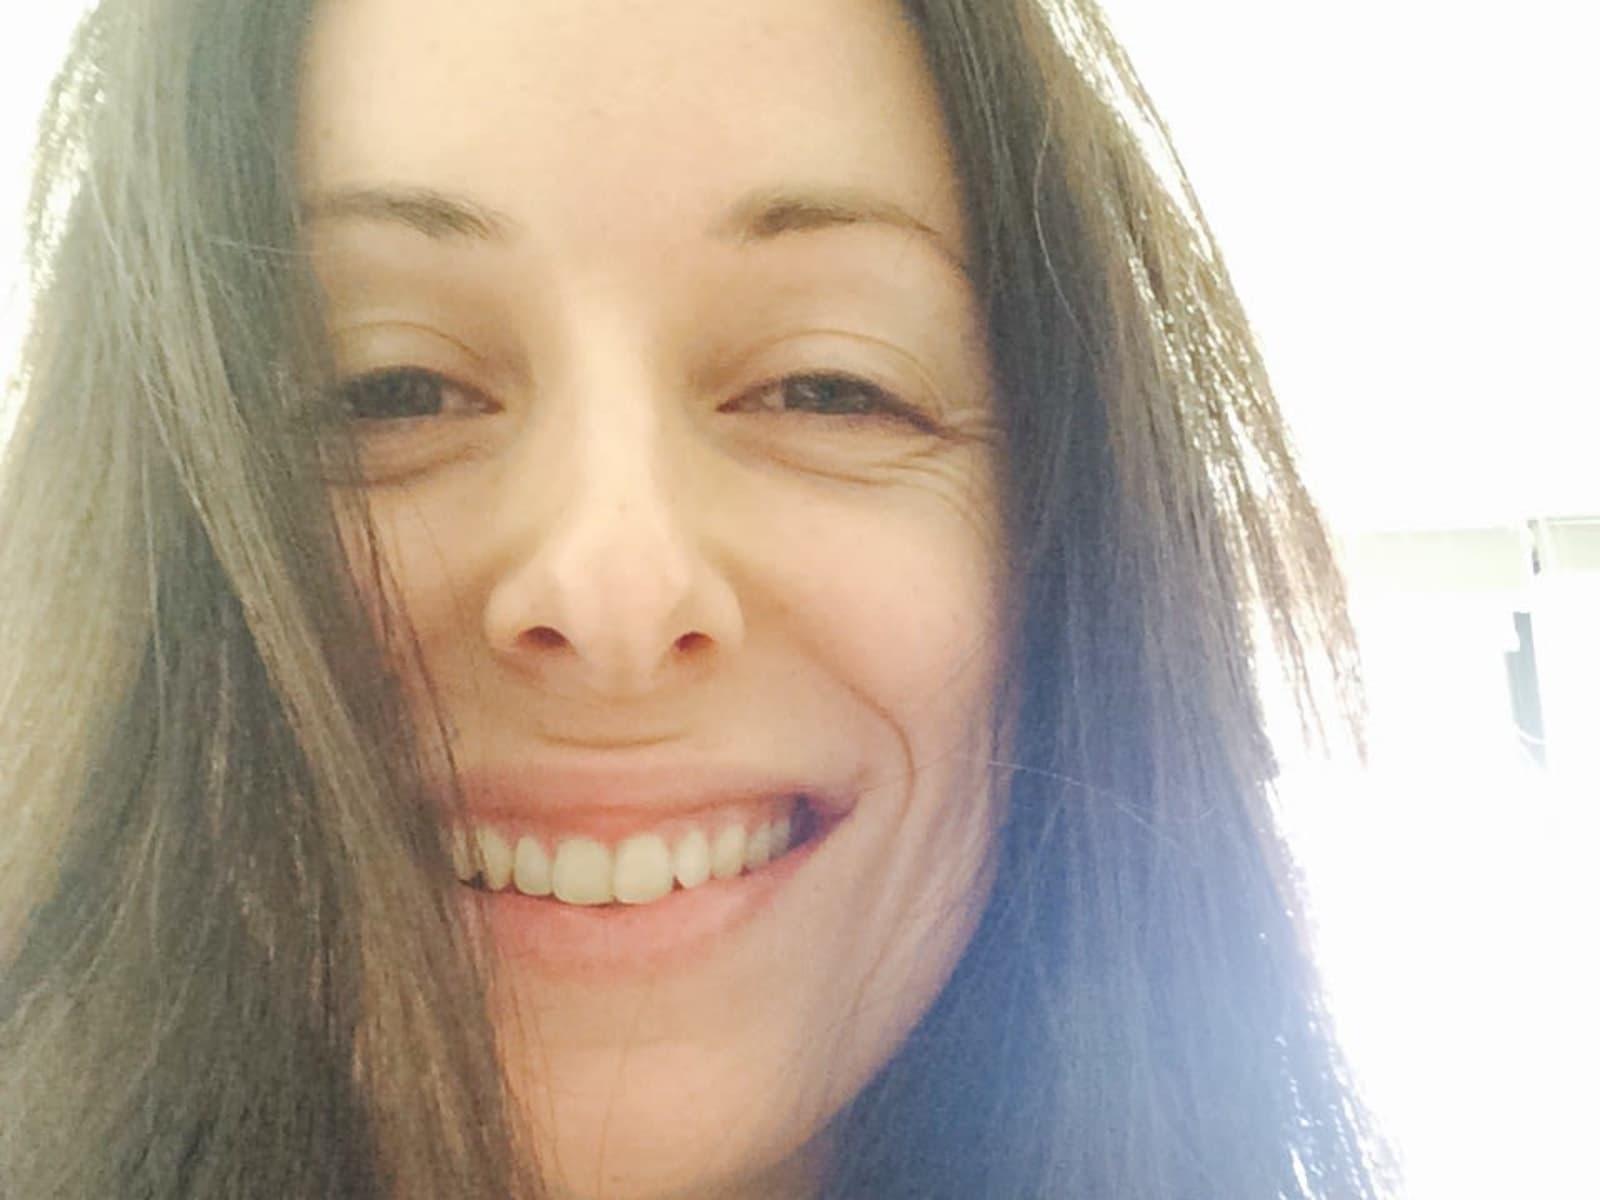 Lynette from Melbourne, Victoria, Australia